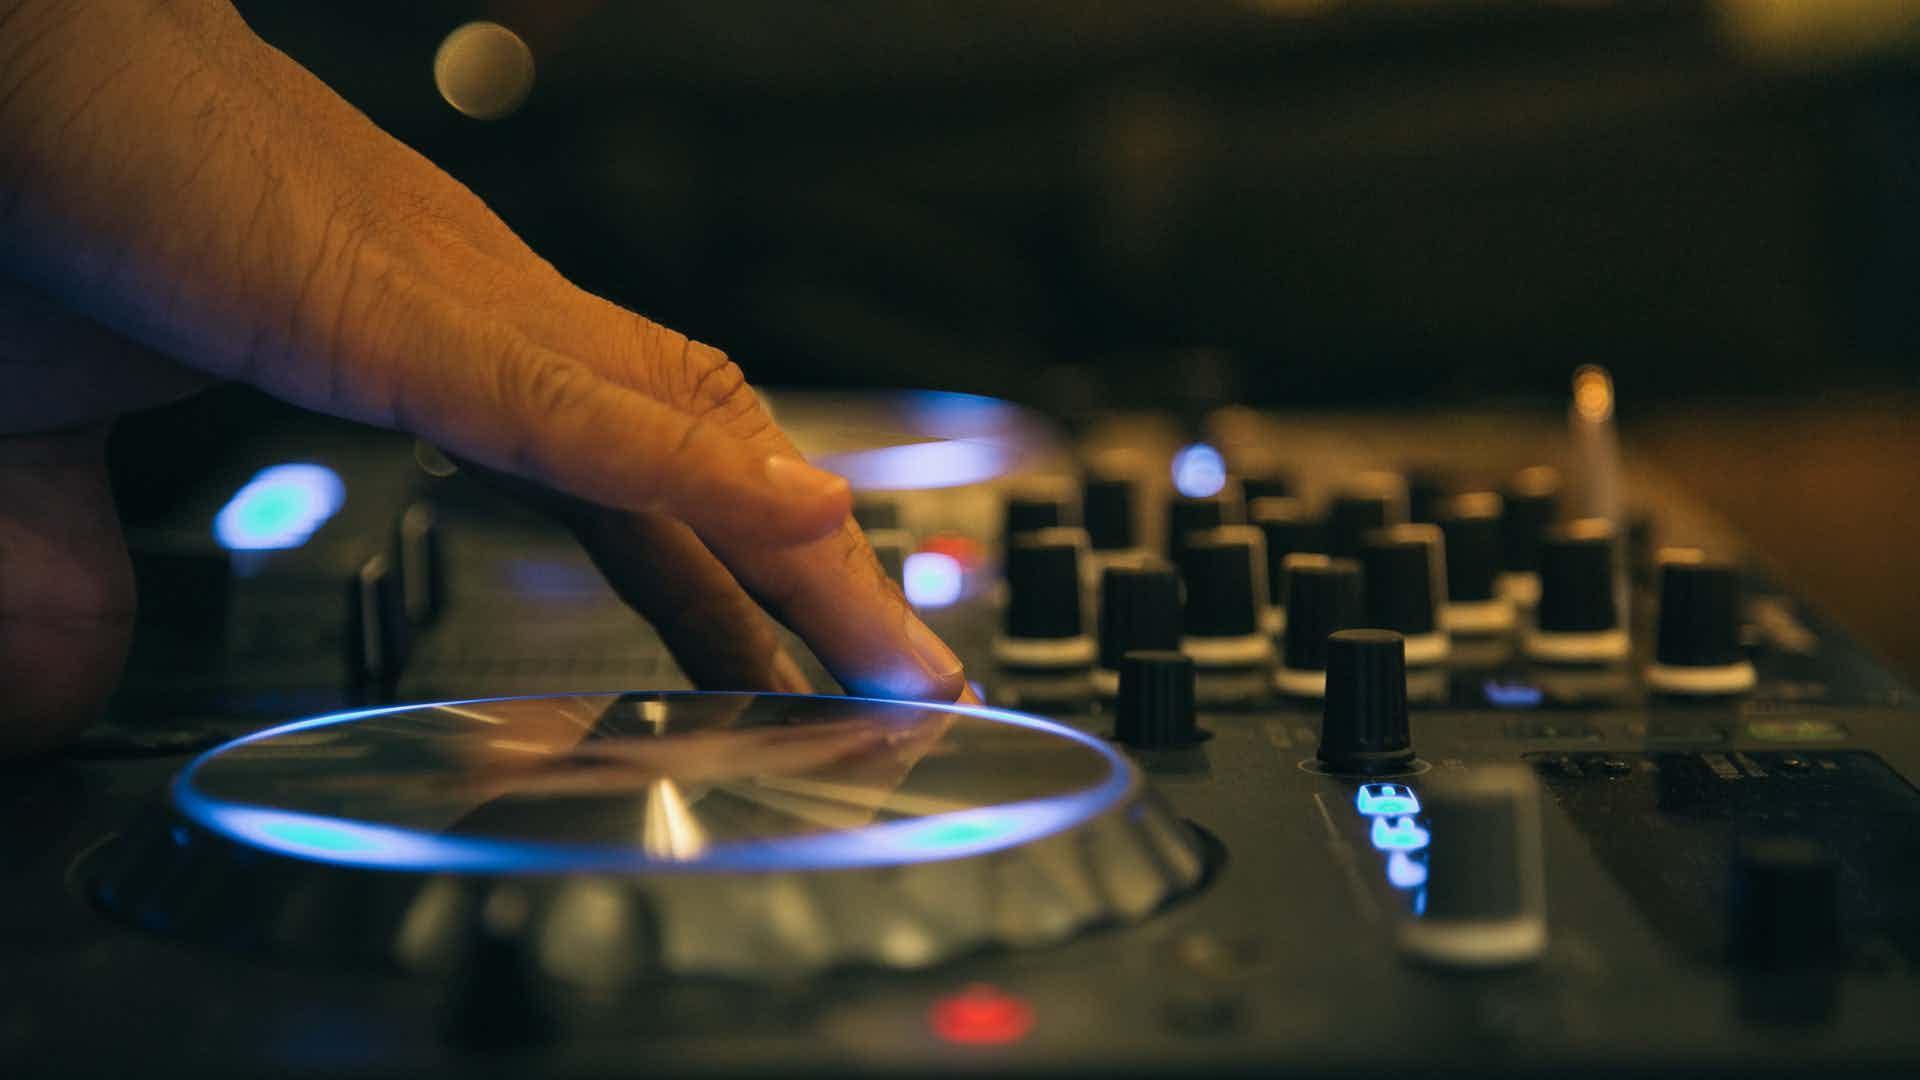 dj set mixer